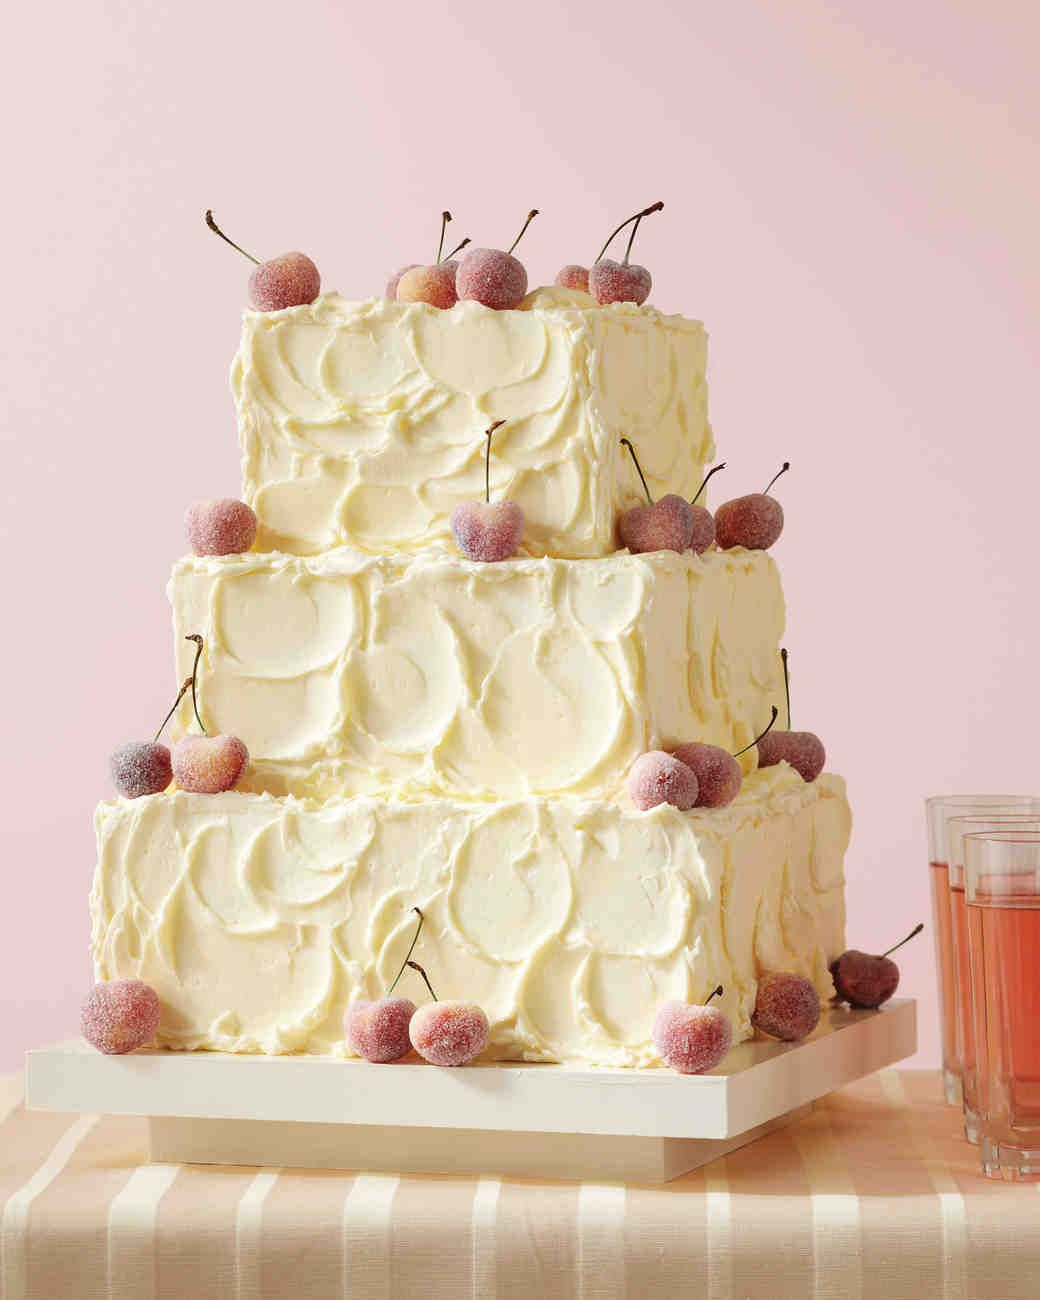 9 Wedding-Worthy Cake-Decorating Ideas | Martha stewart weddings ...